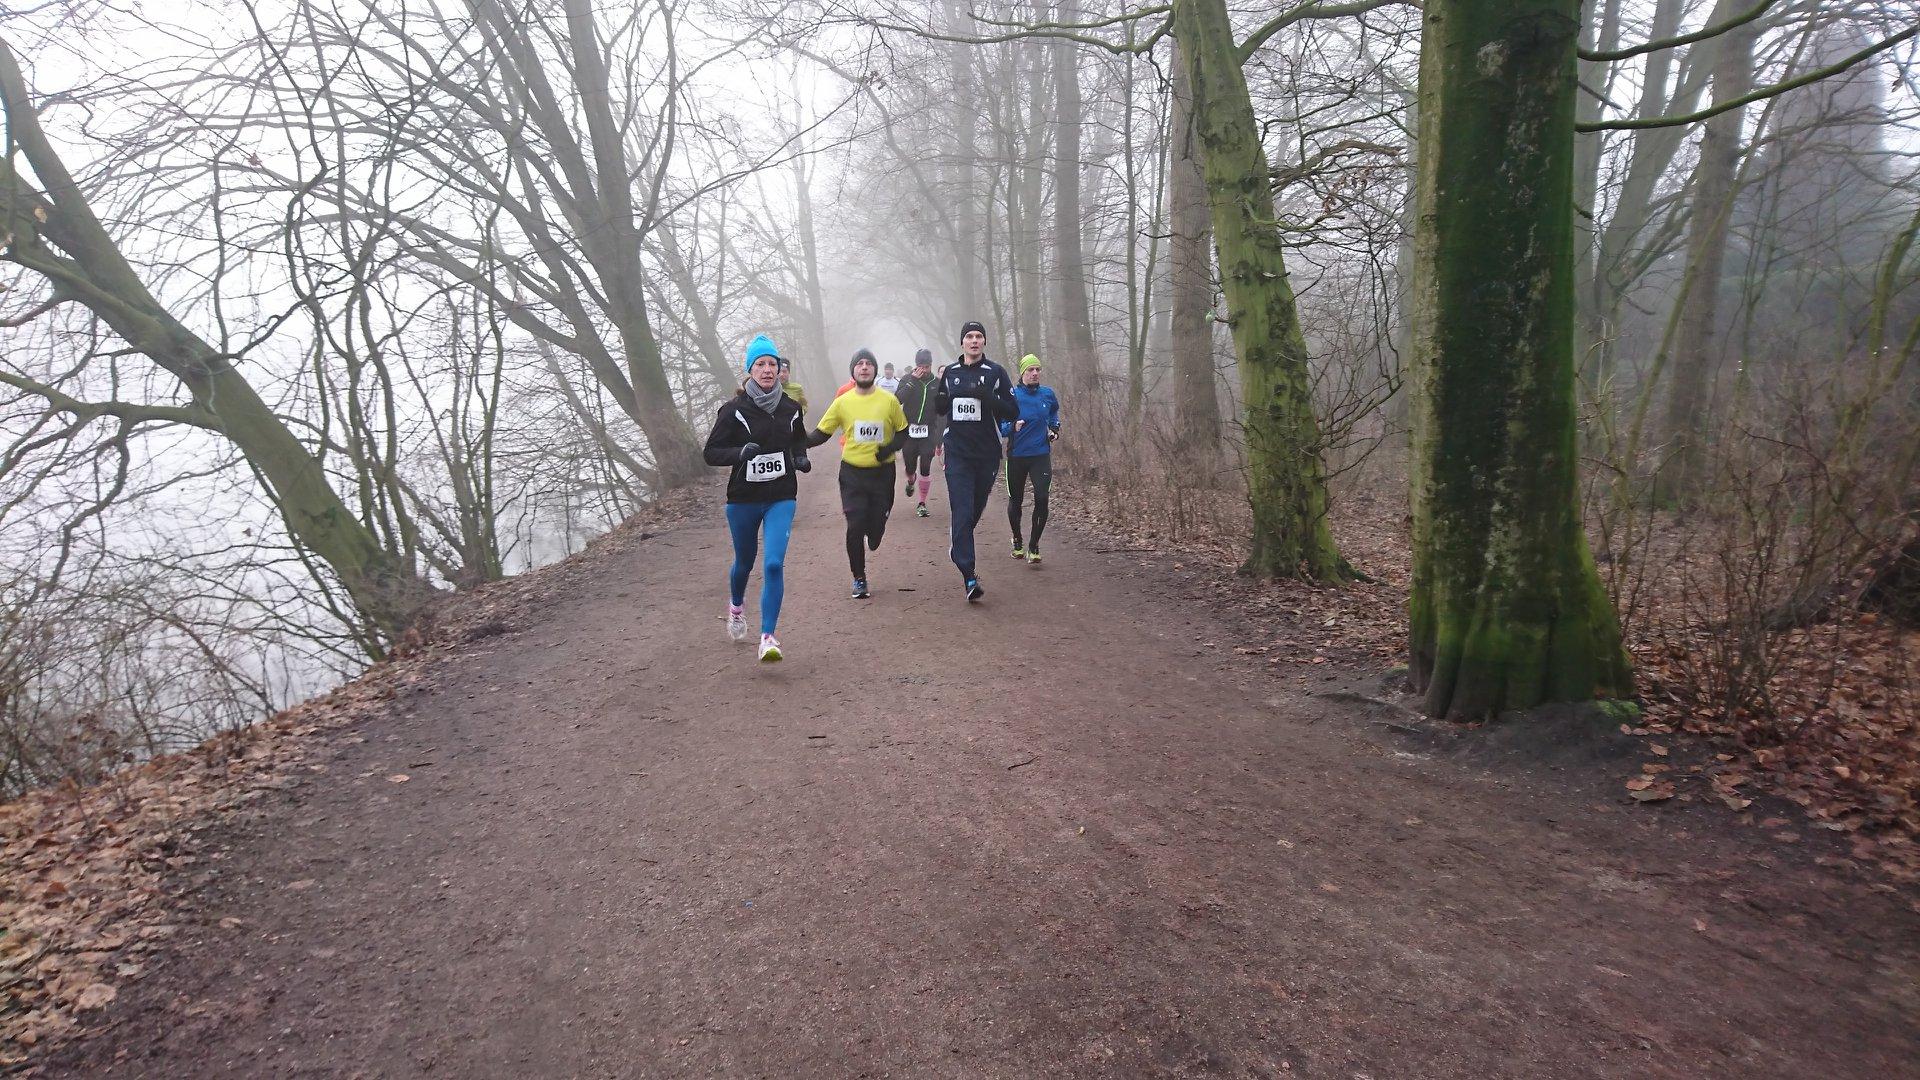 Schaffst du die meisten Runden beim Lauf durch den Inselpark? 🥇